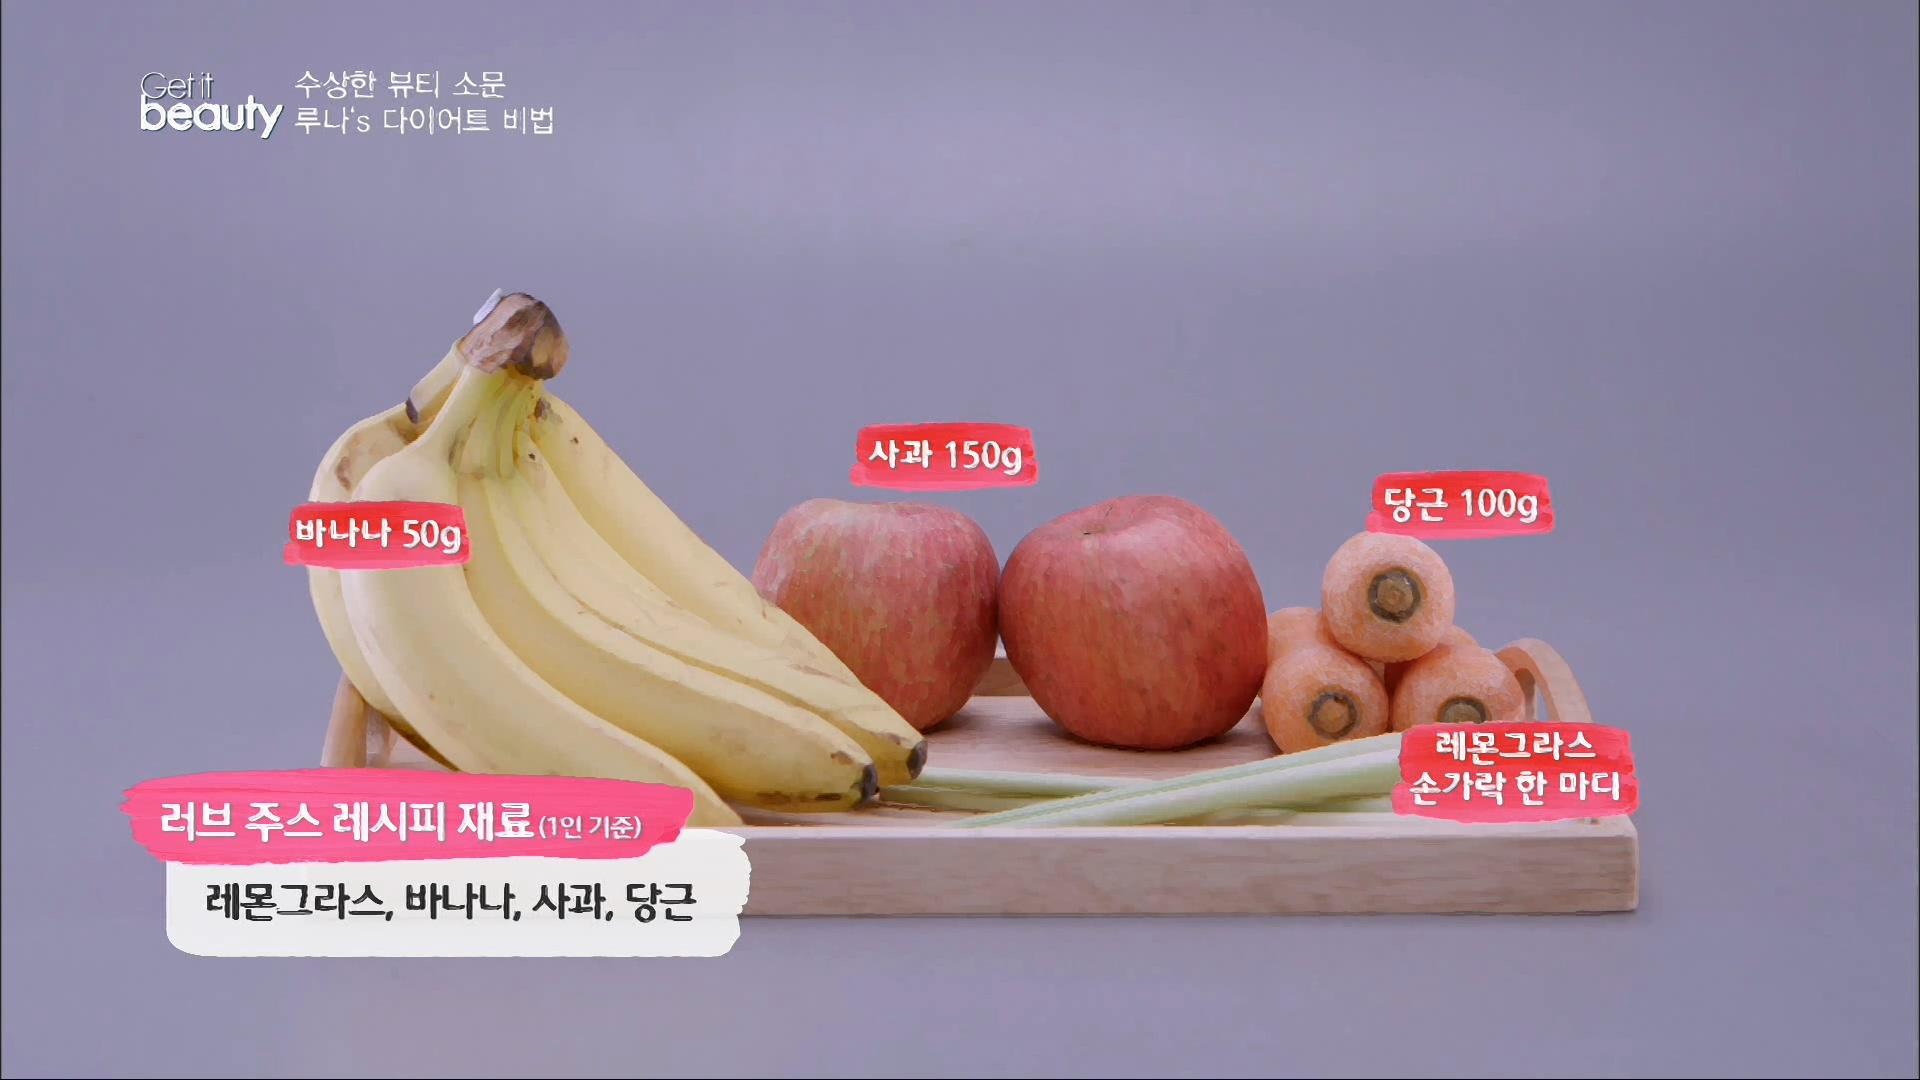 러브 주스 레시피 재료(1인 기준) - 레몬그라스, 바나나, 사과, 당근